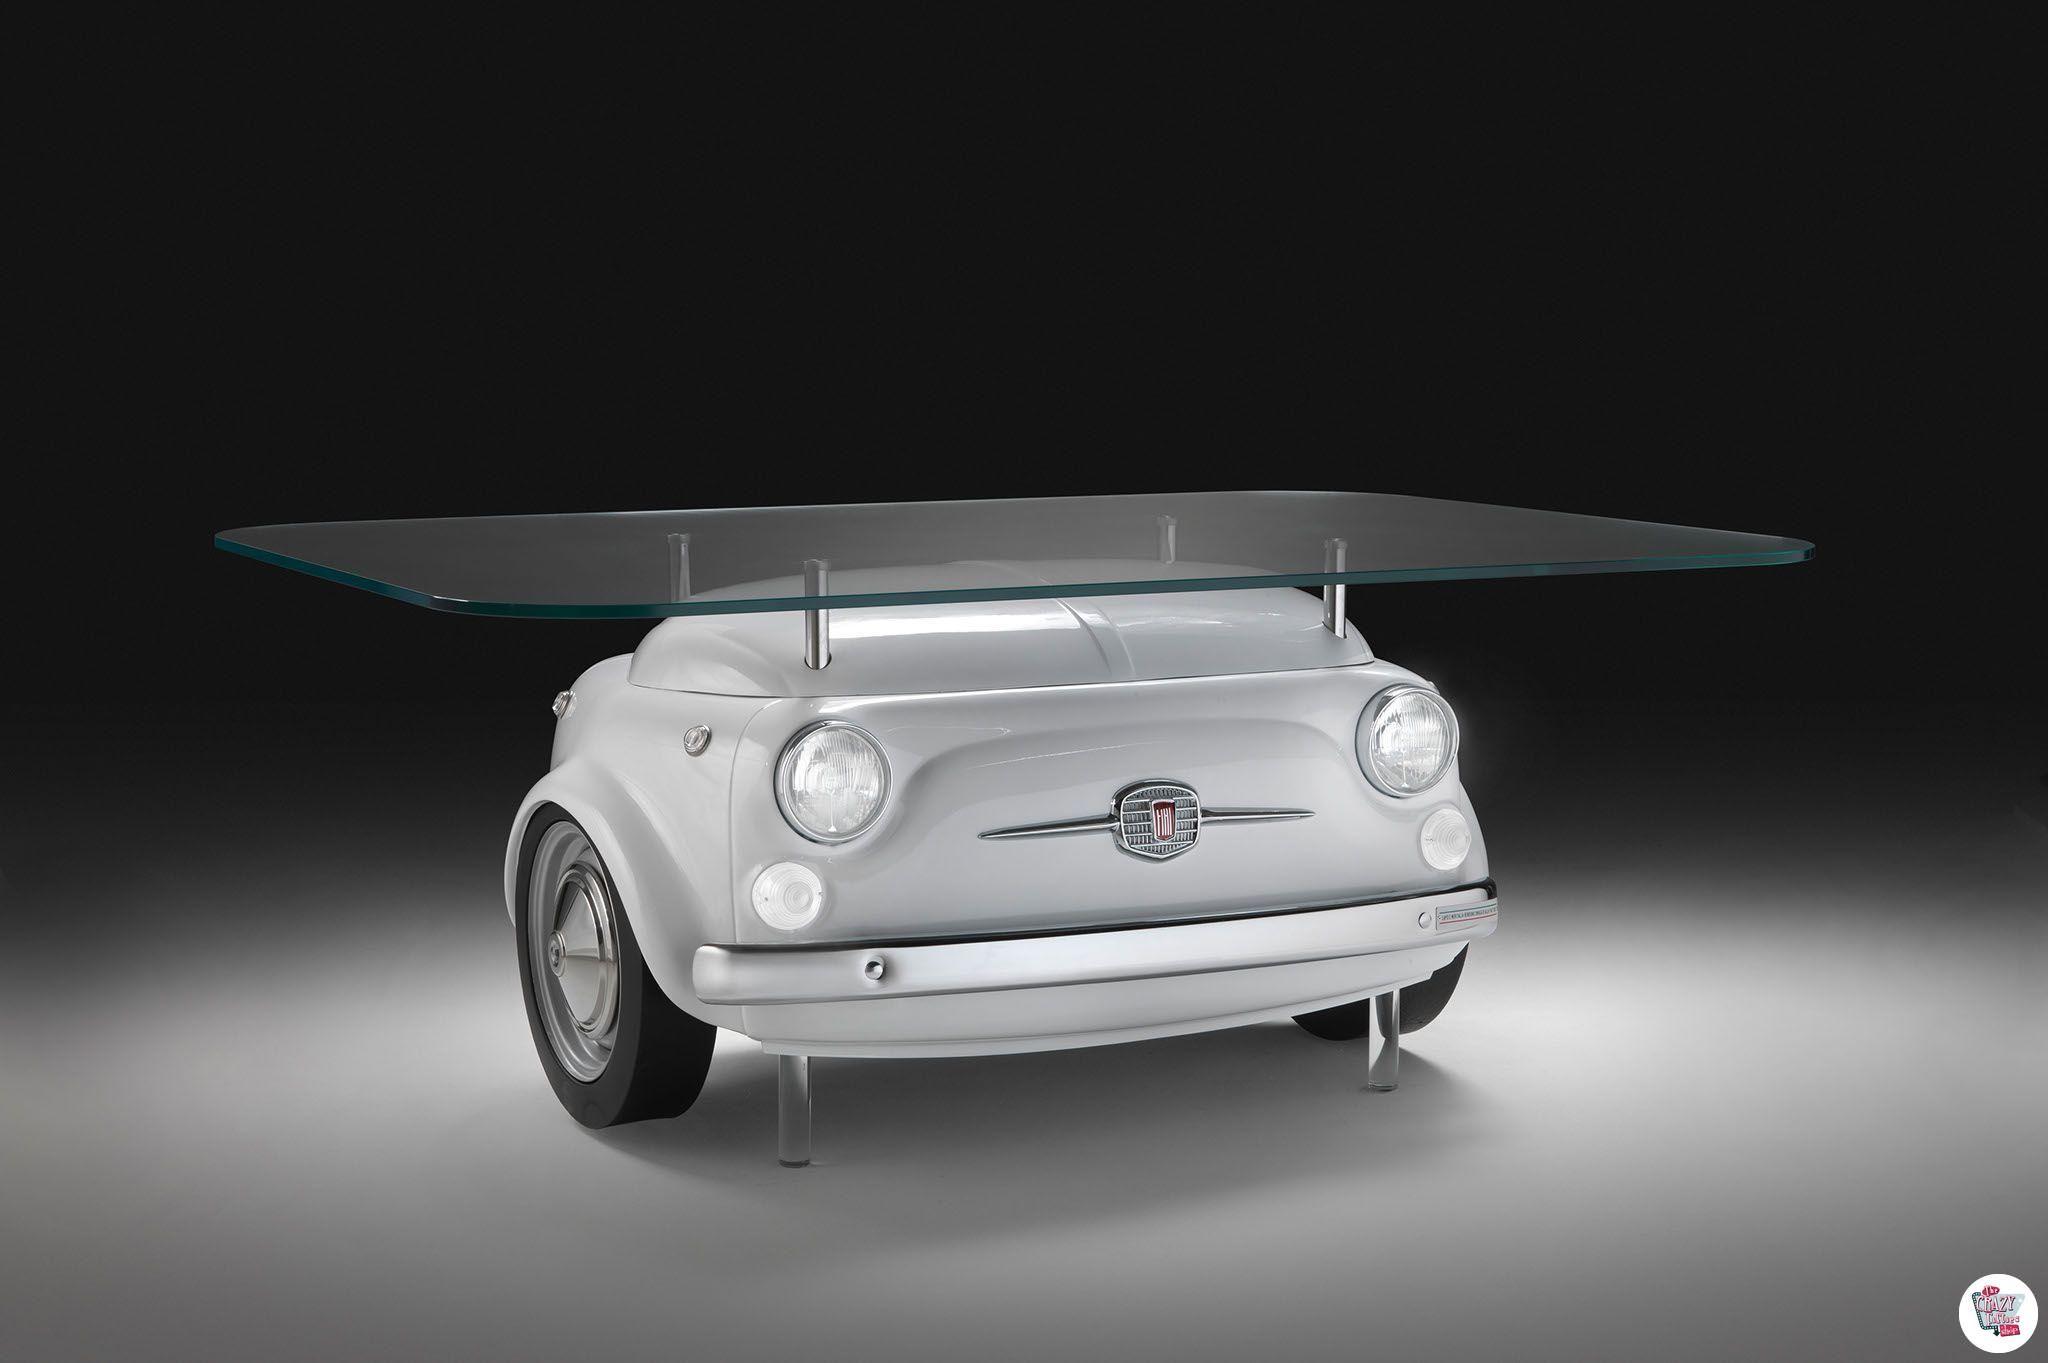 Fiat 500 Pic Nic bordet